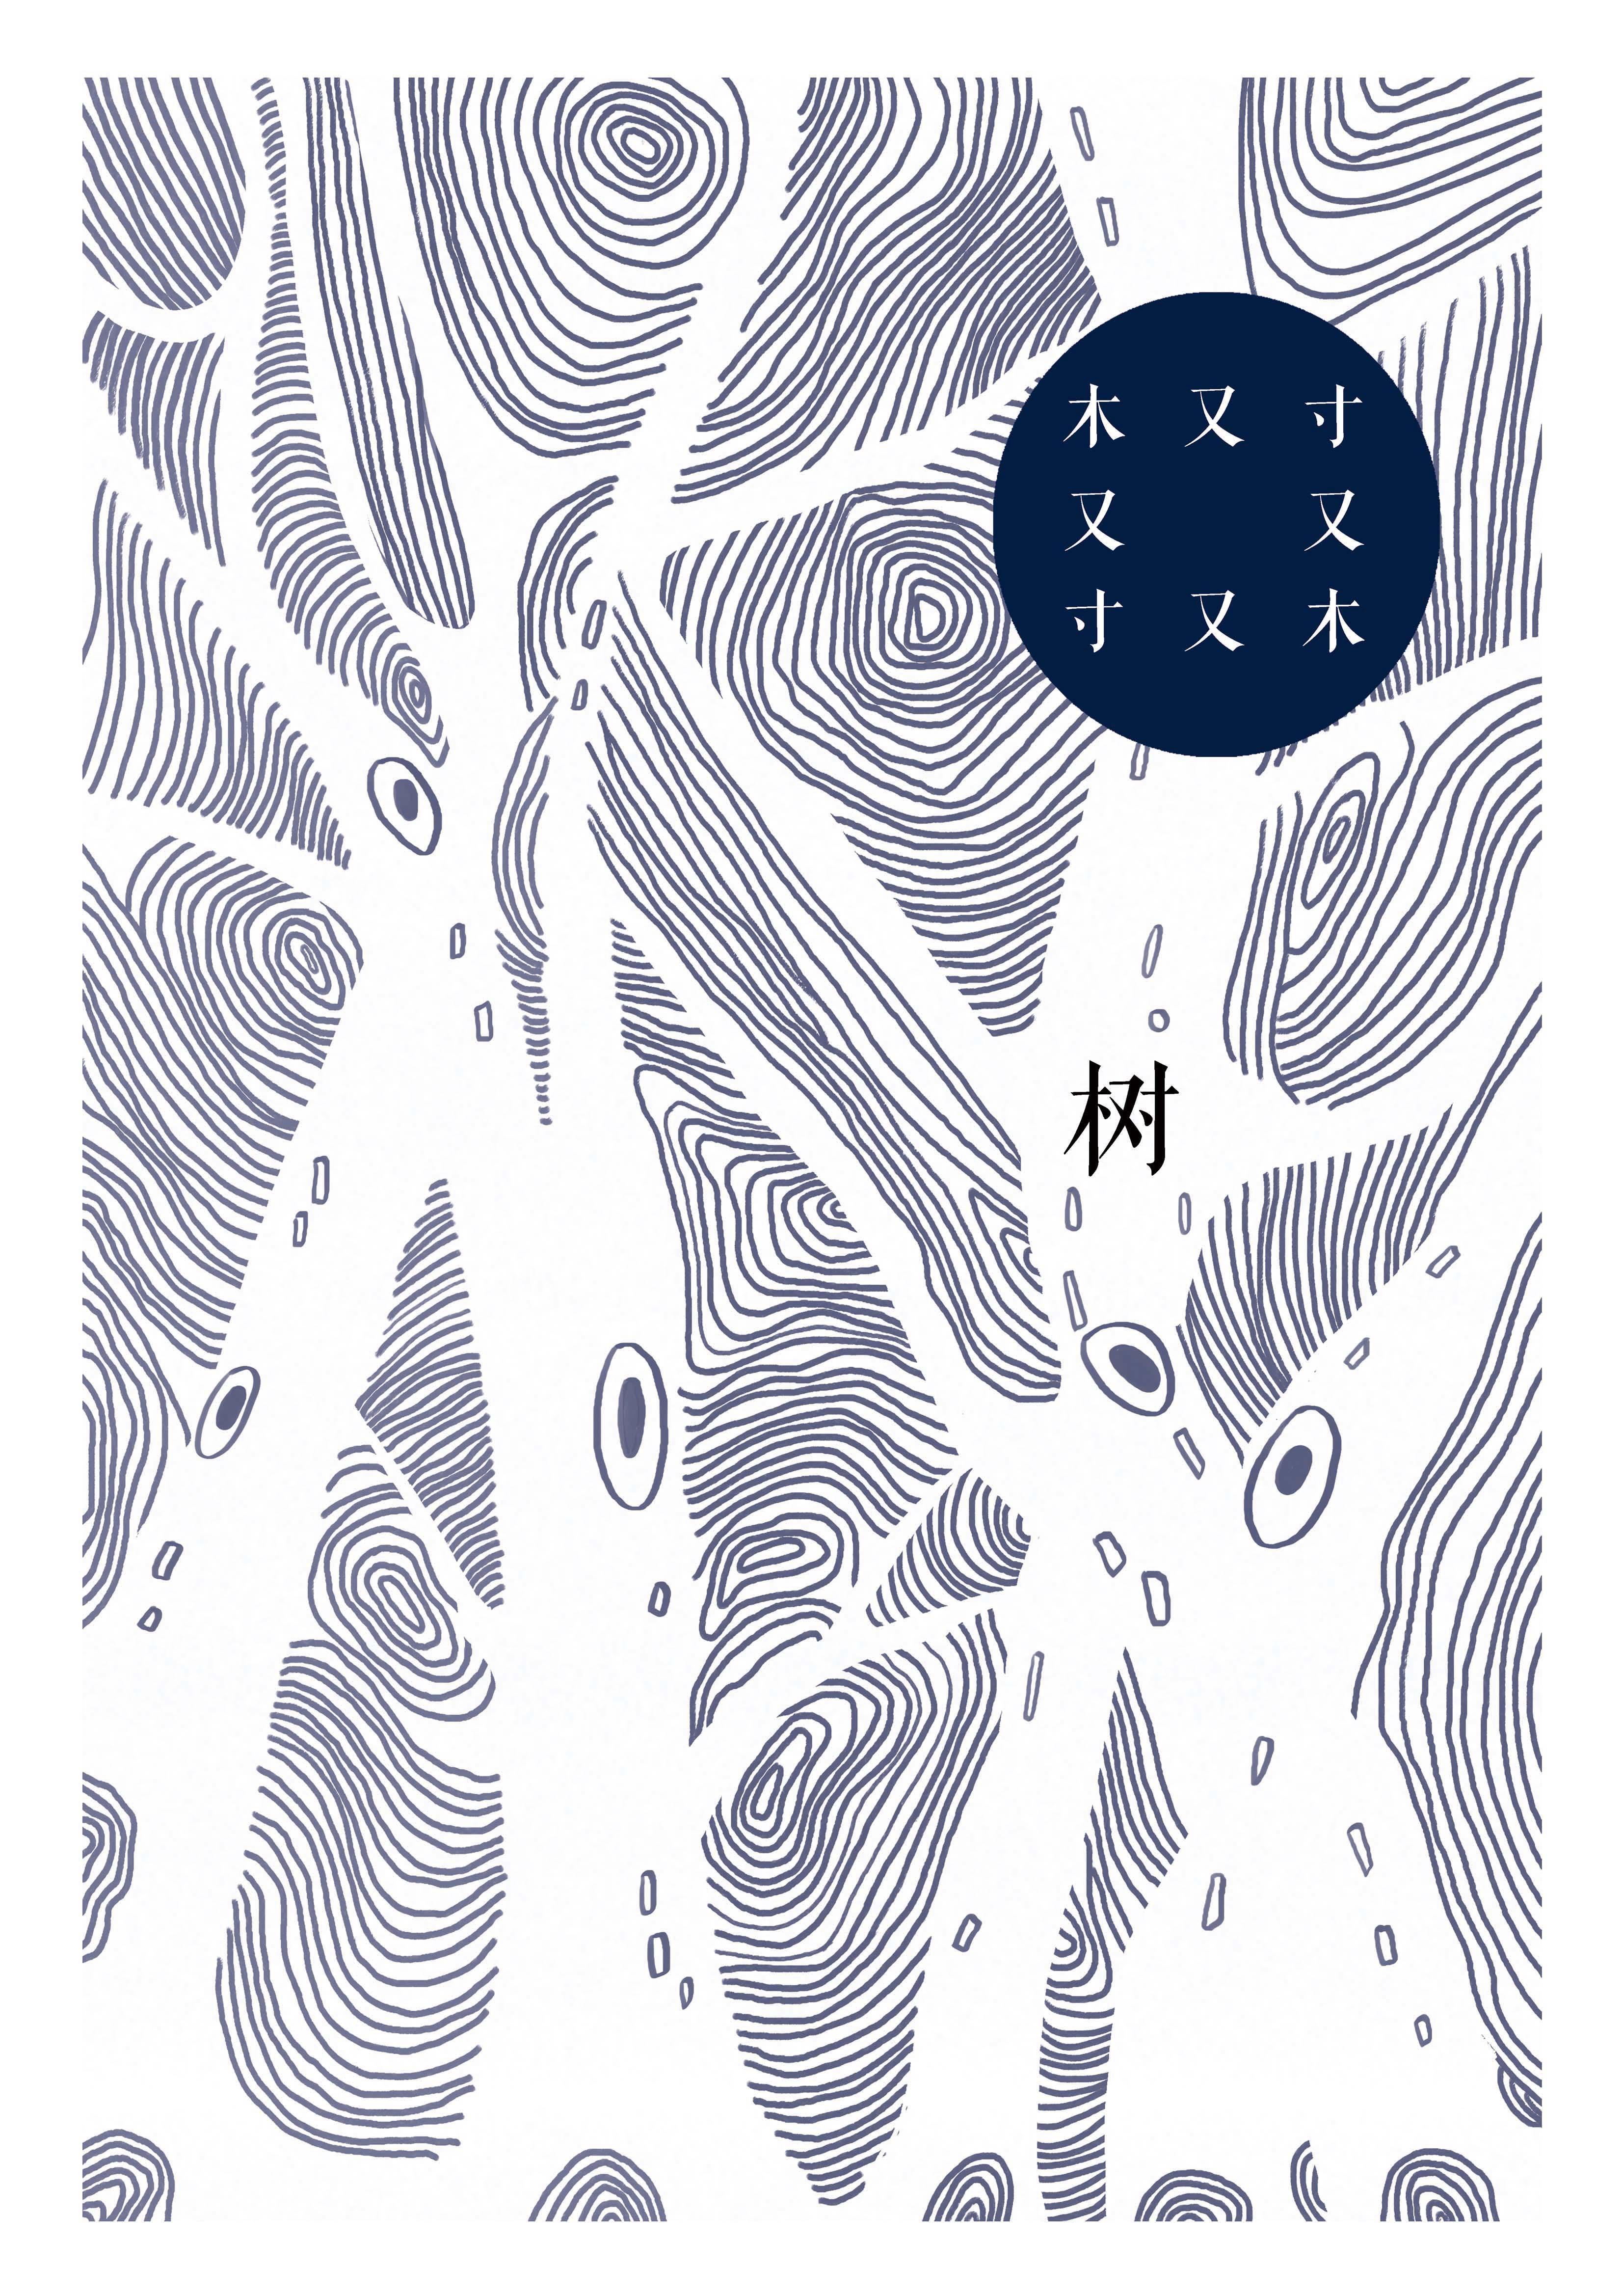 参加第七届创意之星设计奖《华人新锐学生海报设计竞赛》的作品图片